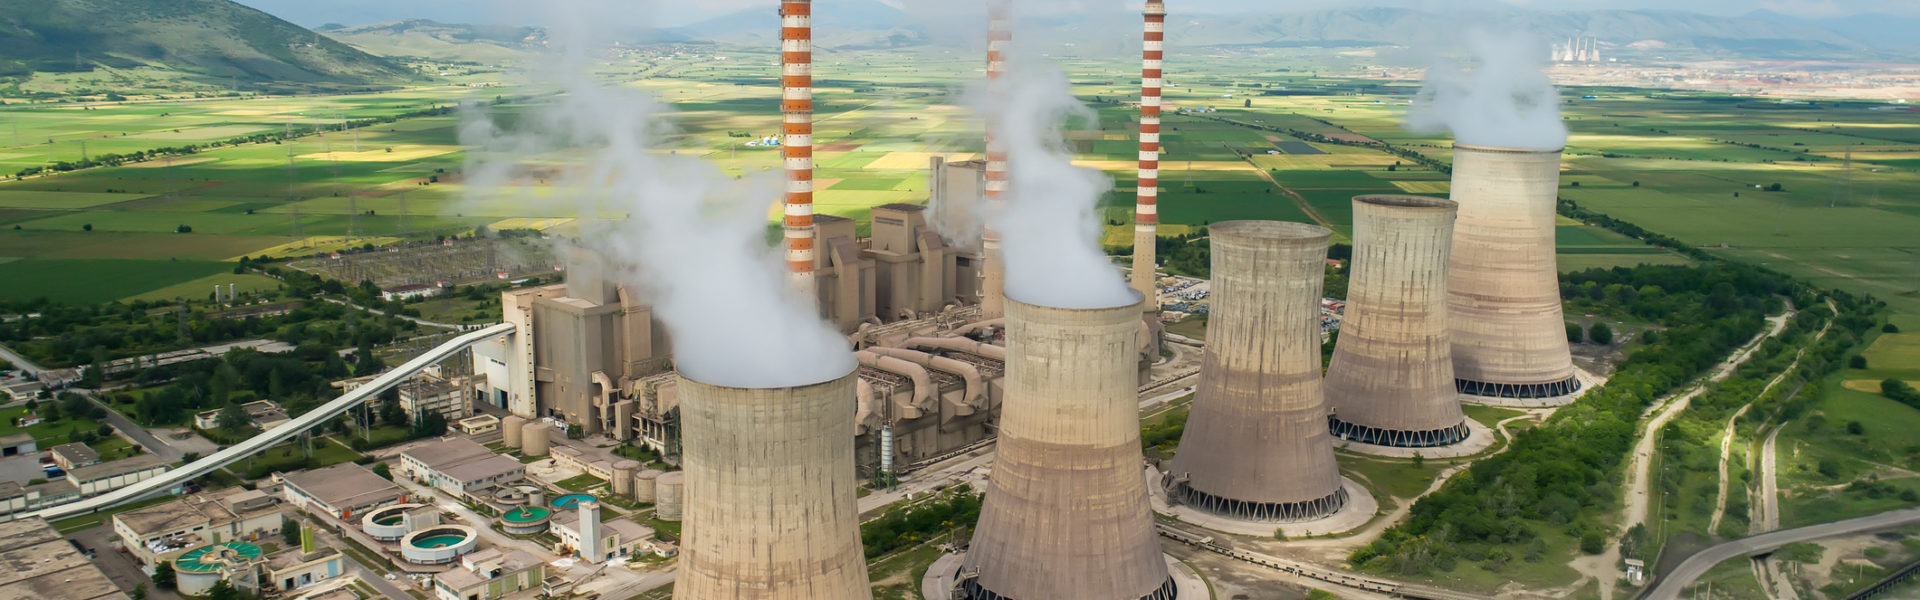 10 argumenata i 1 ne-argument u prilog korišćenju nuklearne energije